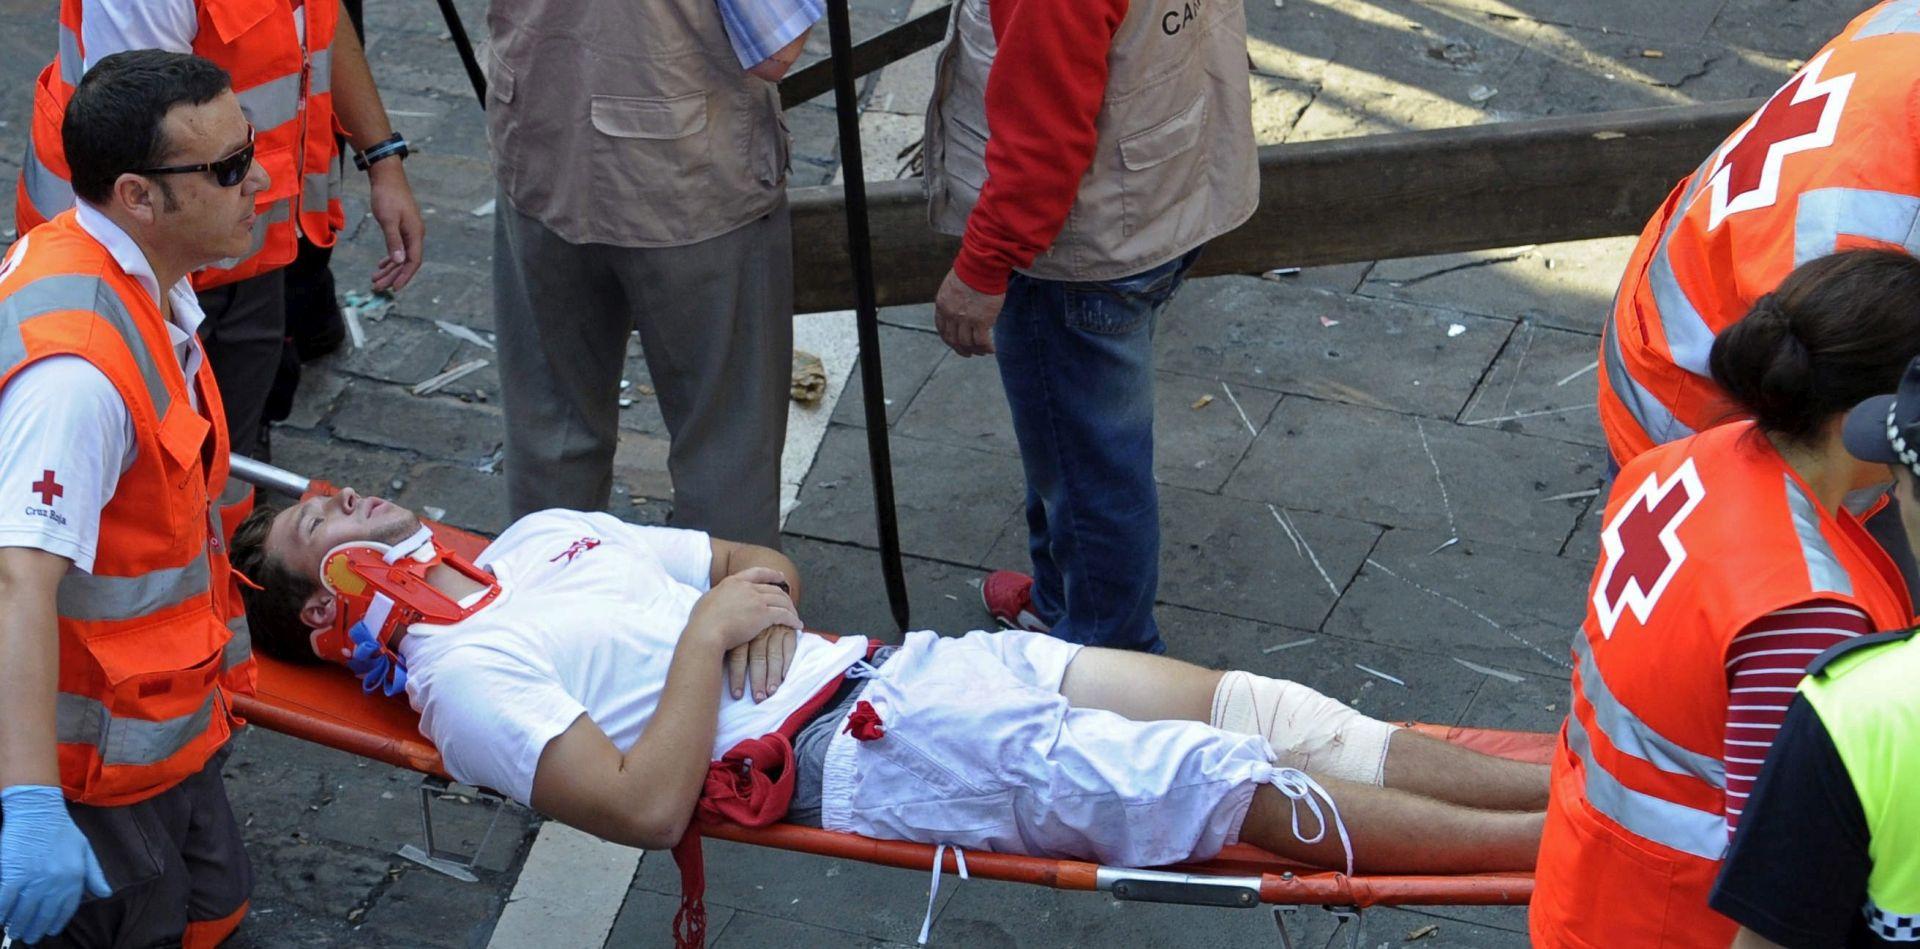 Poginuo prvi toreador u španjolskim arenama u 30 godina